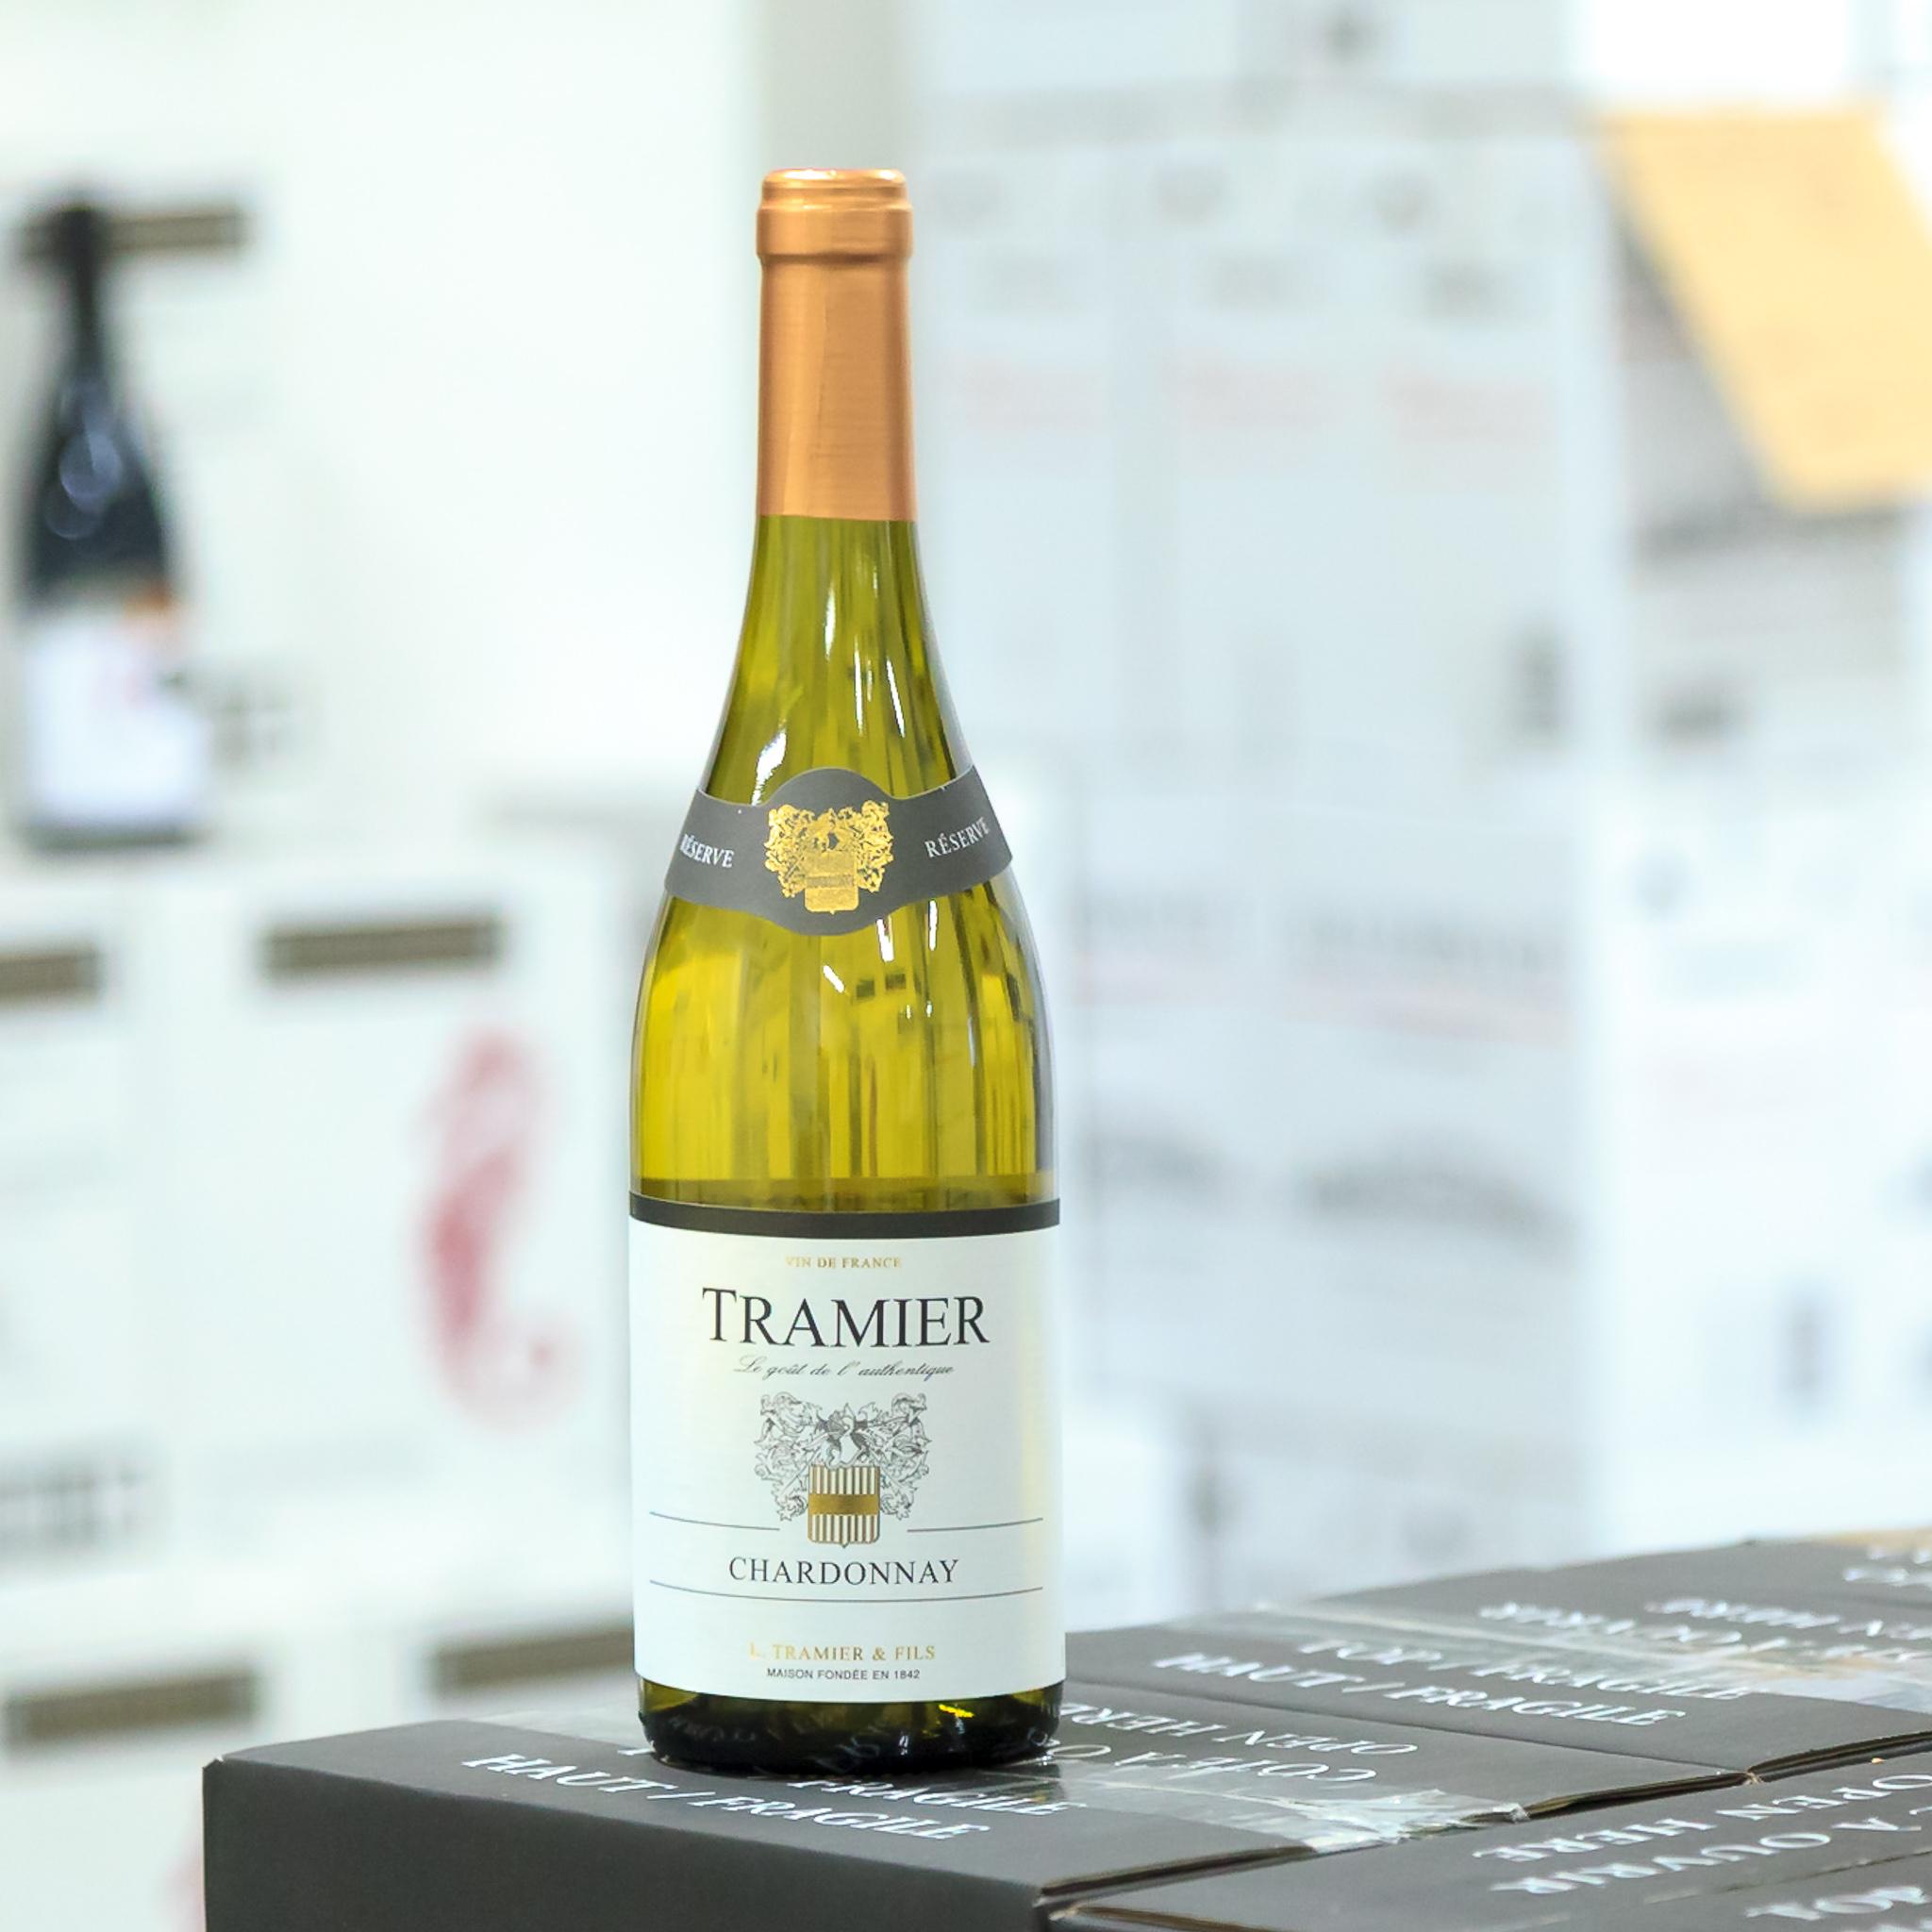 Základní řada Vin de France - Hrozny pro produkci vín řady Vin de France pochází převážně z oblasti Languedoc. Nicméně vína díky know-how vinařství Tramier mají burgundský charakter.- Chardonnay- Pinot Noir